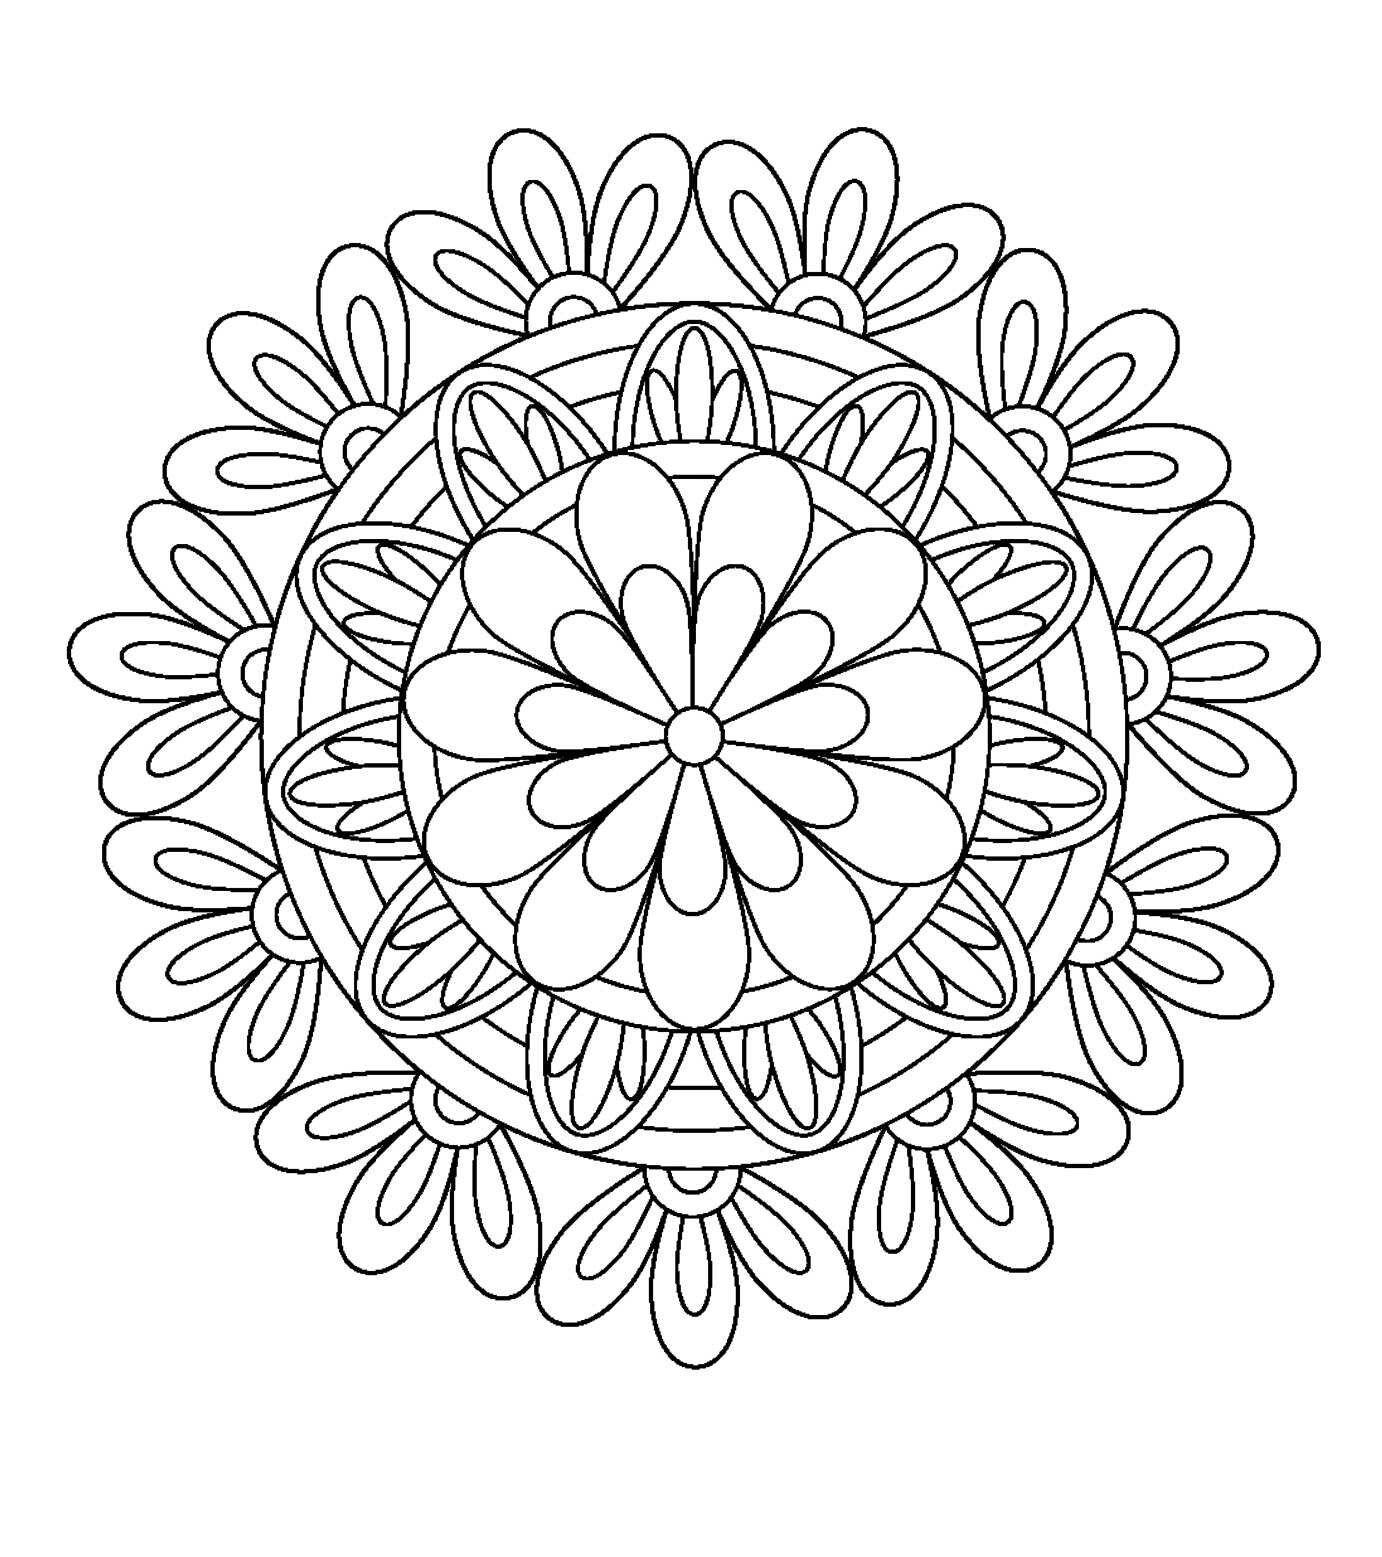 Resultado de imagen para patrones mandalas | Moldes de bordado ...